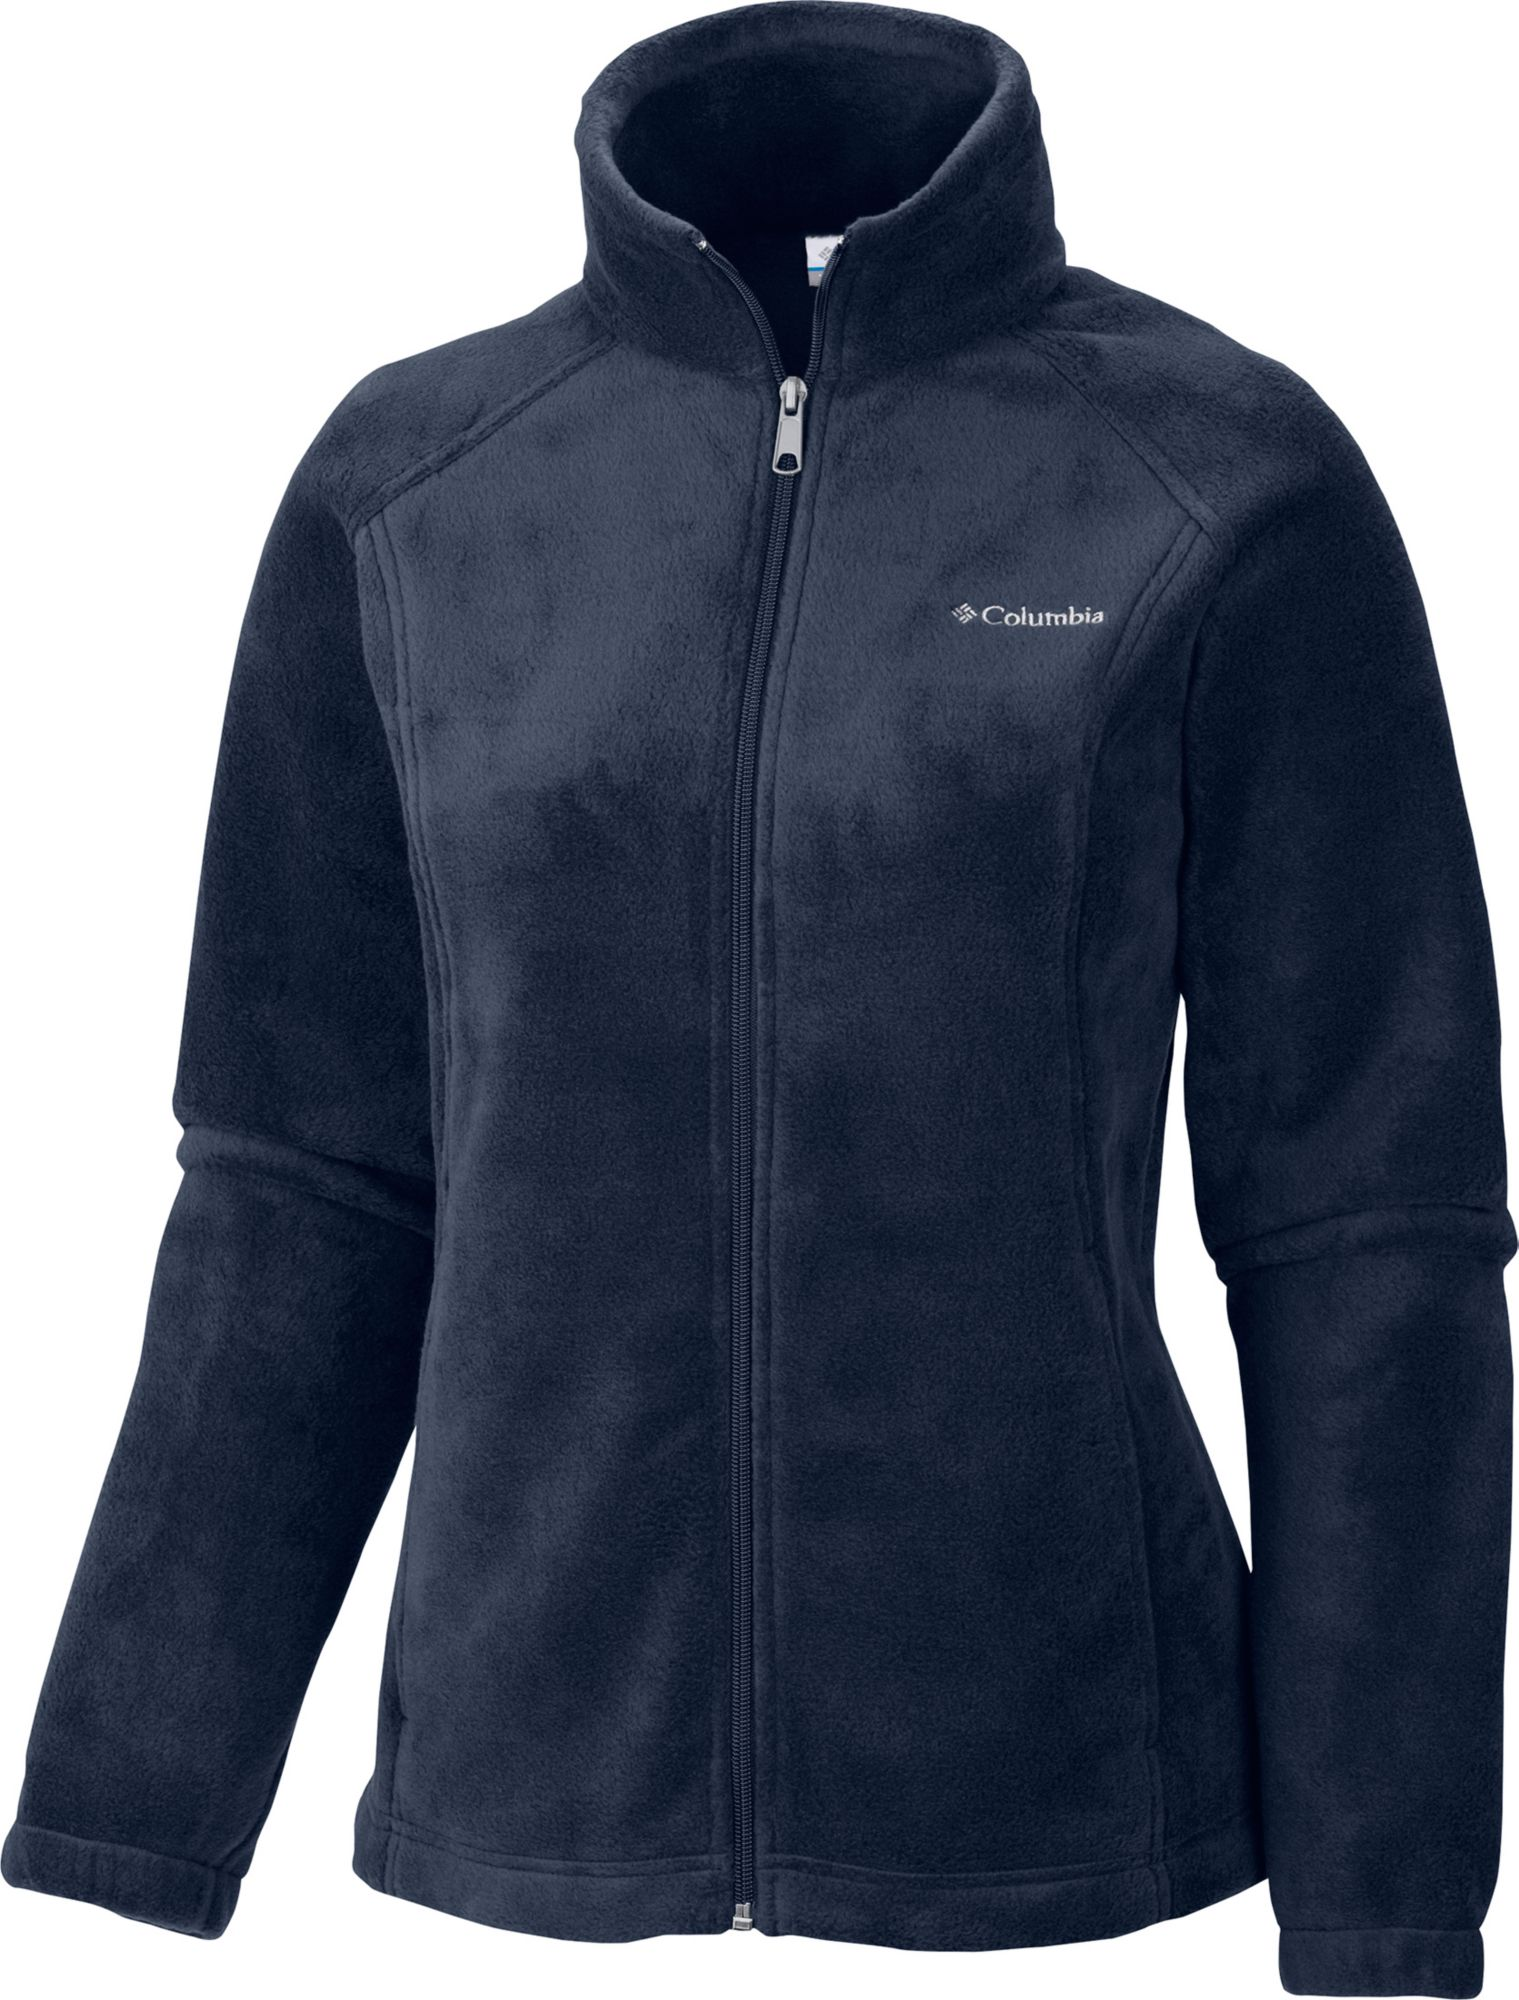 6954b47e5154c Columbia Women s Benton Springs Full Zip Fleece Jacket